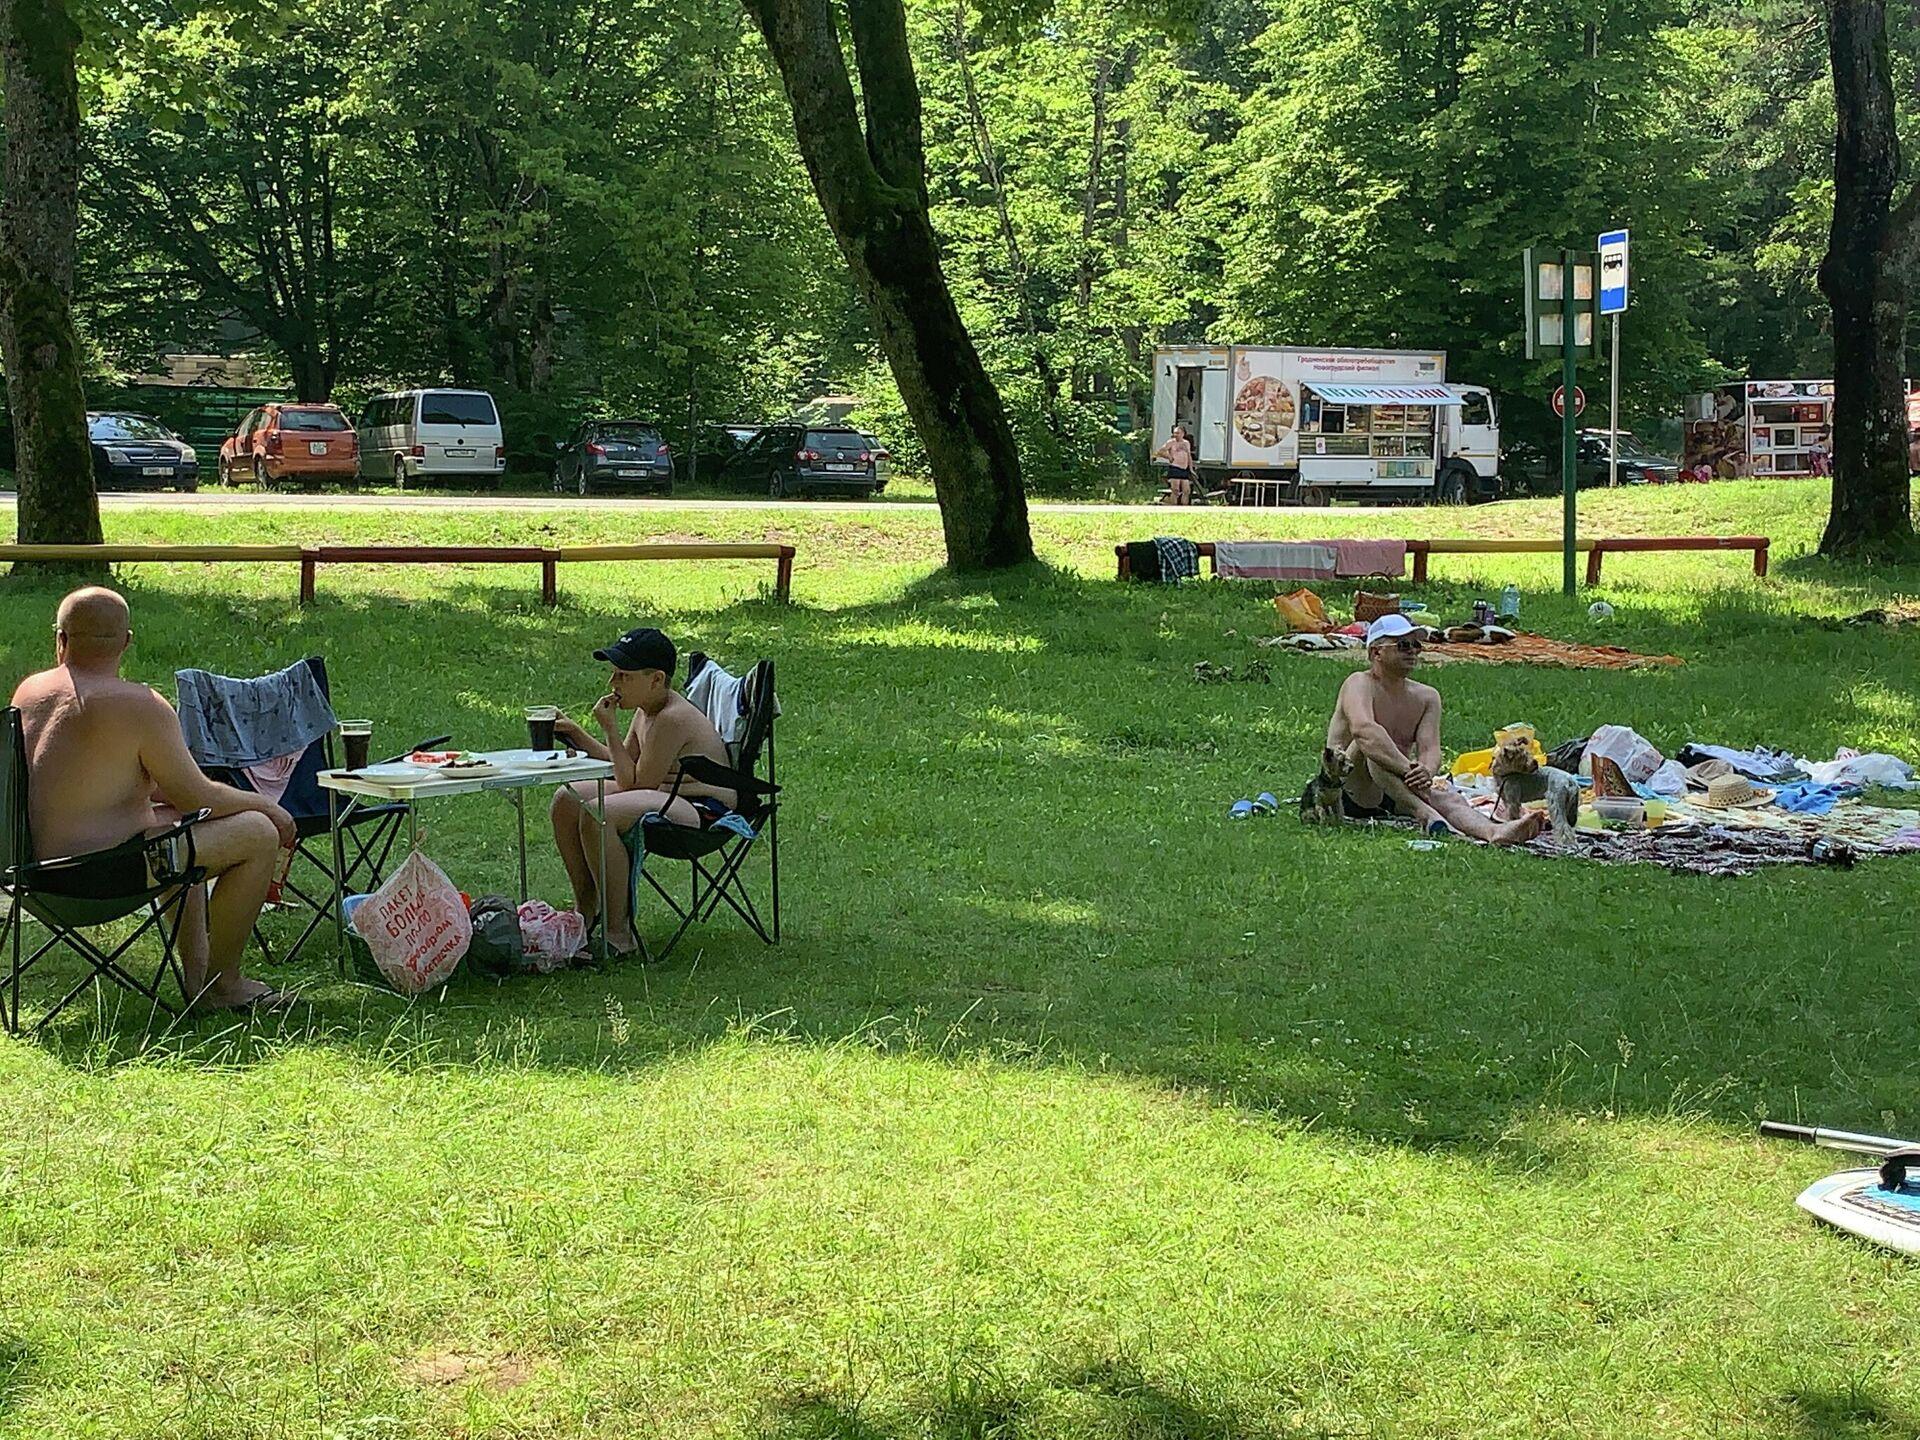 Многие местные отказались от купания и просто отдыхают в тени - Sputnik Беларусь, 1920, 15.07.2021